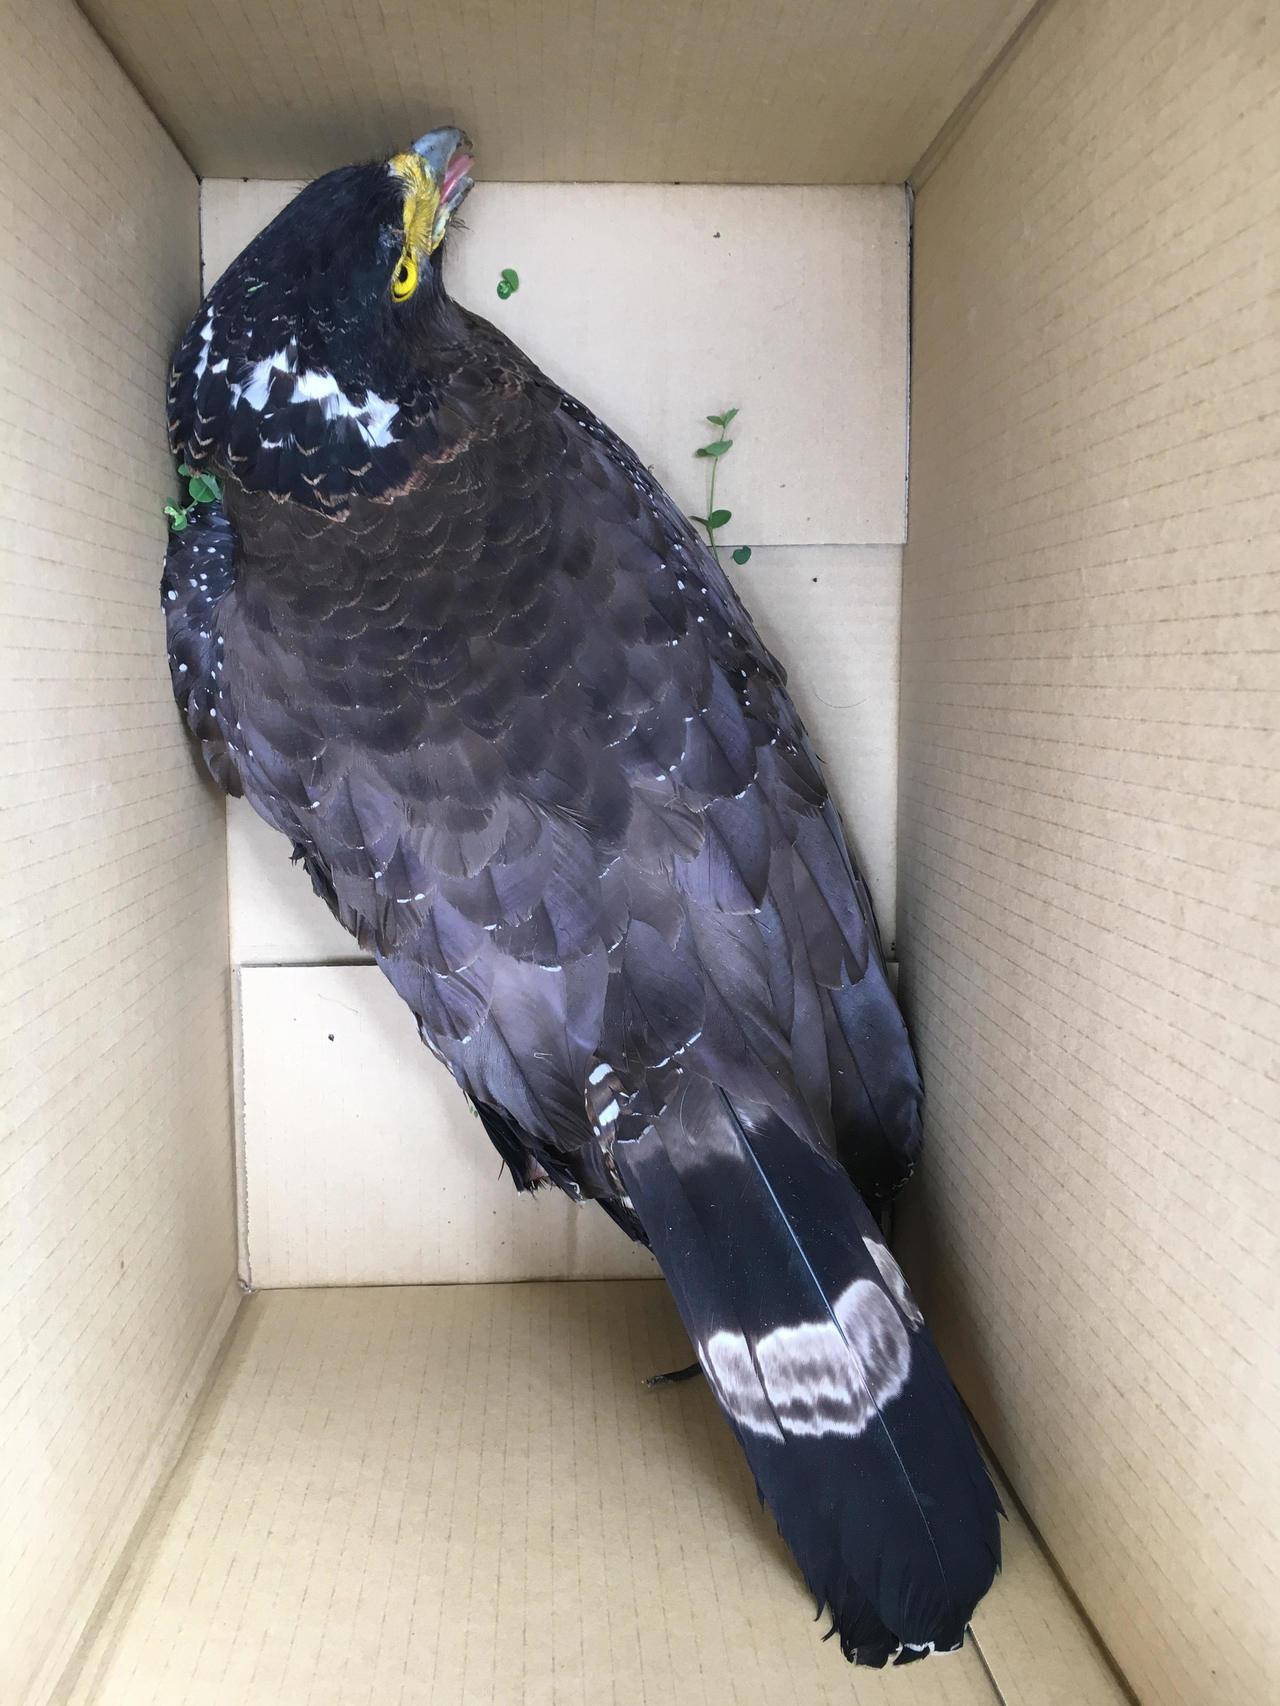 受傷的大冠鷲經眾人合力援救才順利移置至大紙箱,送往野生動物急救站救治後無礙。圖/...